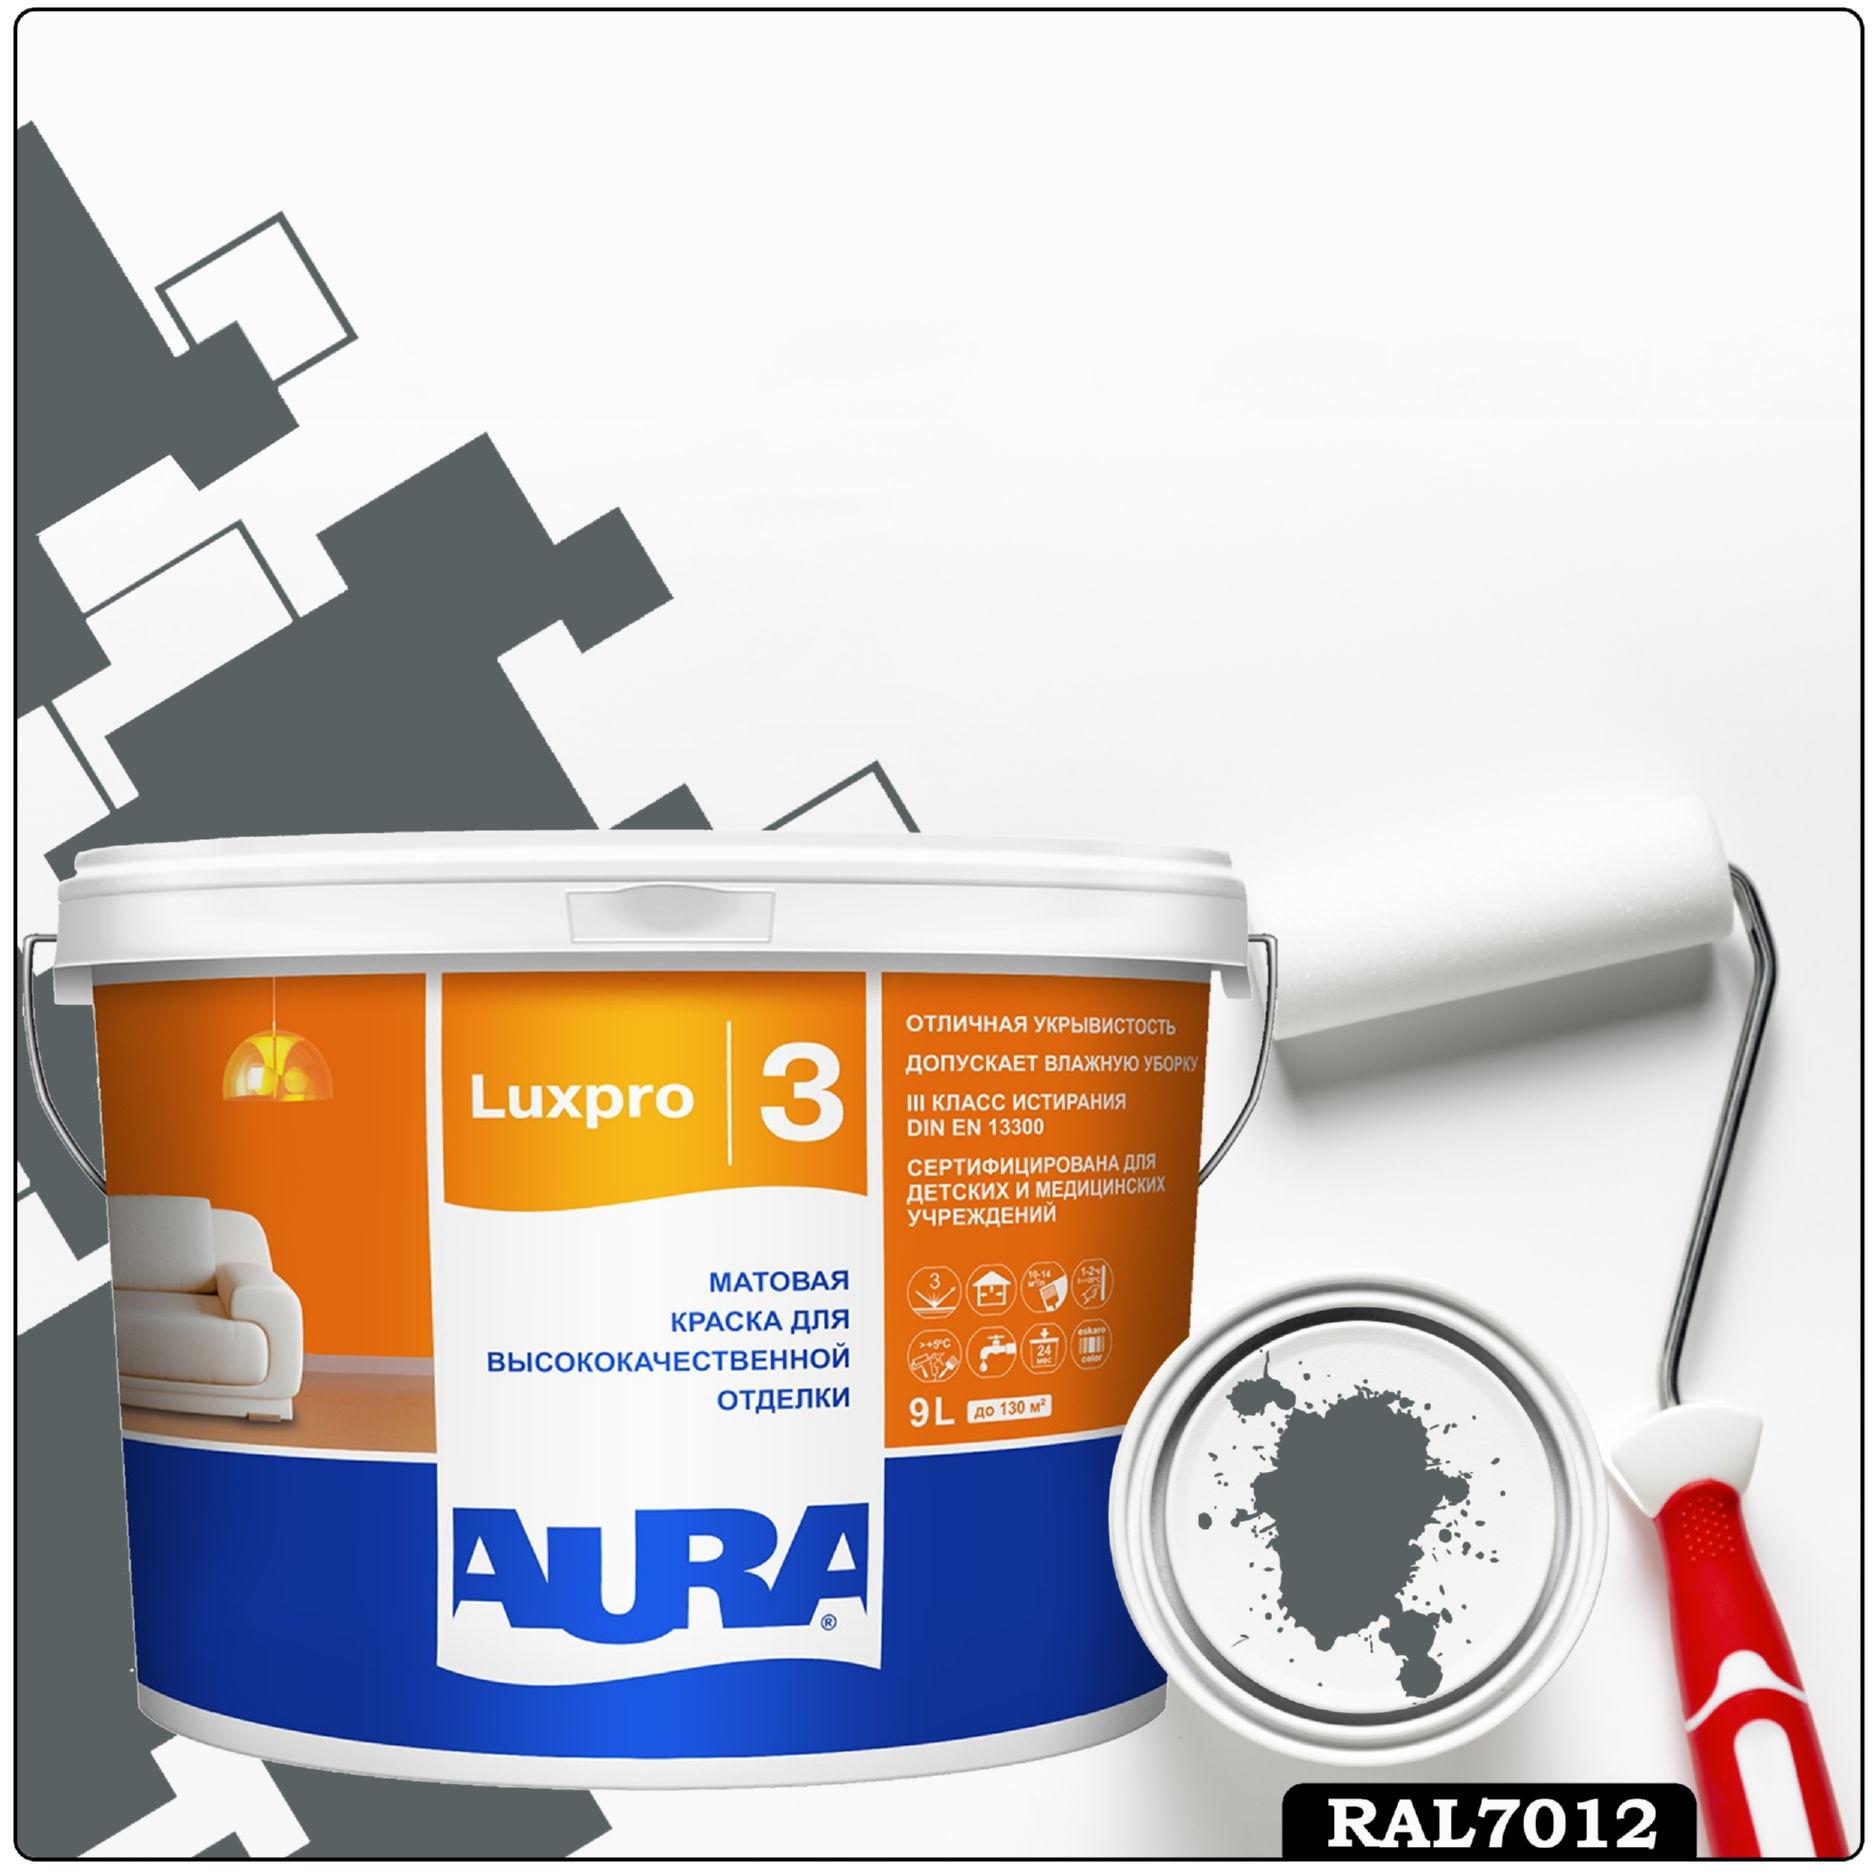 Фото 12 - Краска Aura LuxPRO 3, RAL 7012 Серый базальт, латексная, шелково-матовая, интерьерная, 9л, Аура.